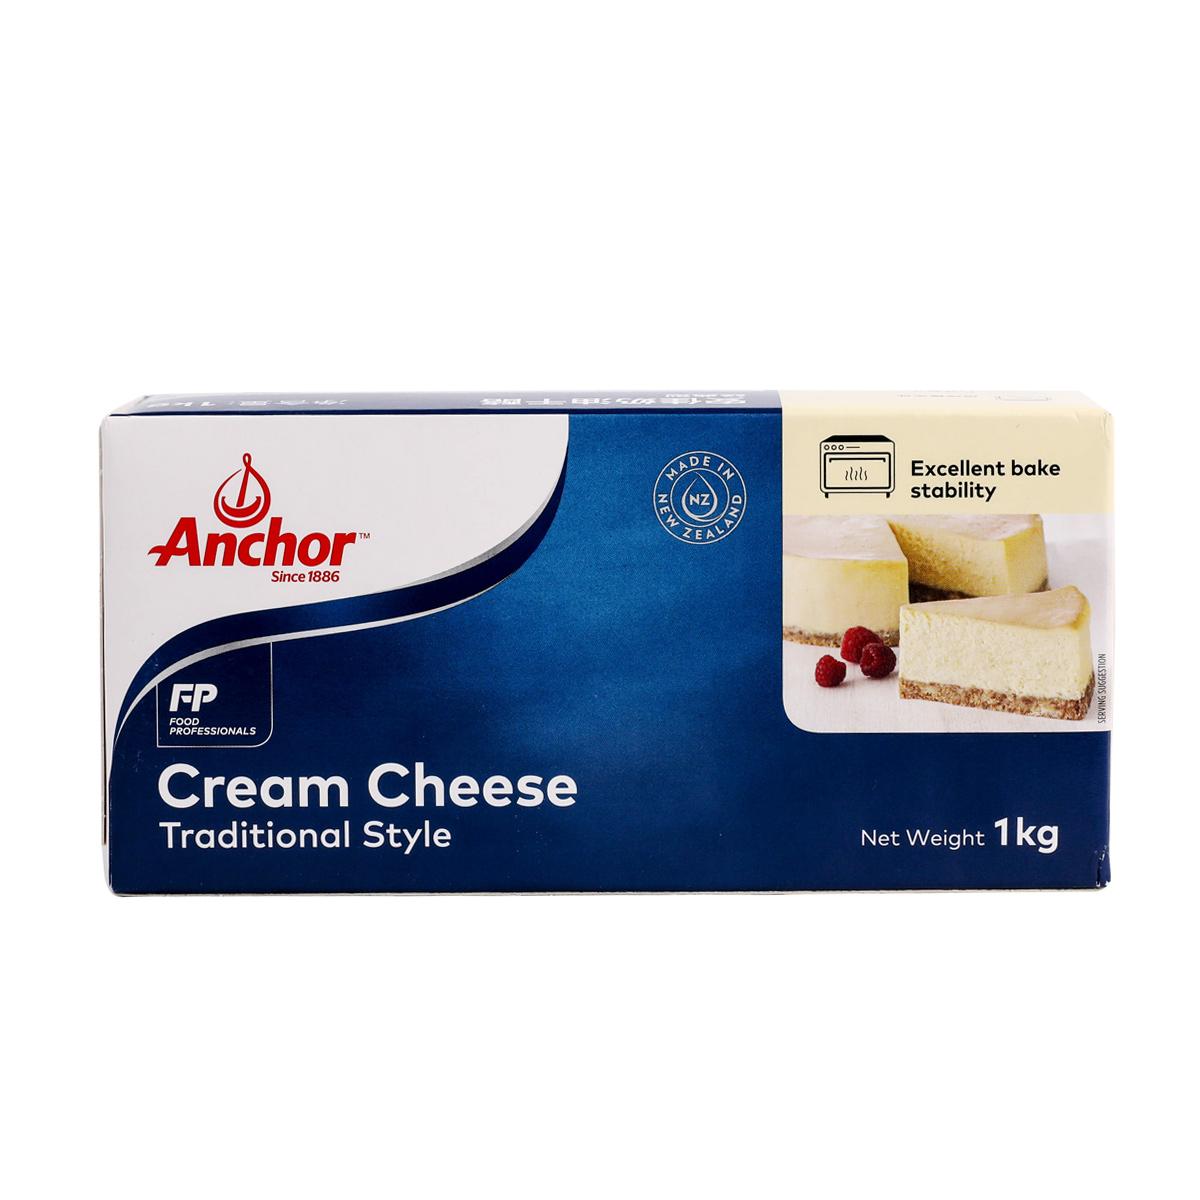 满80元可用10元优惠券新奶油奶酪1kg慕斯烘焙原料蛋糕